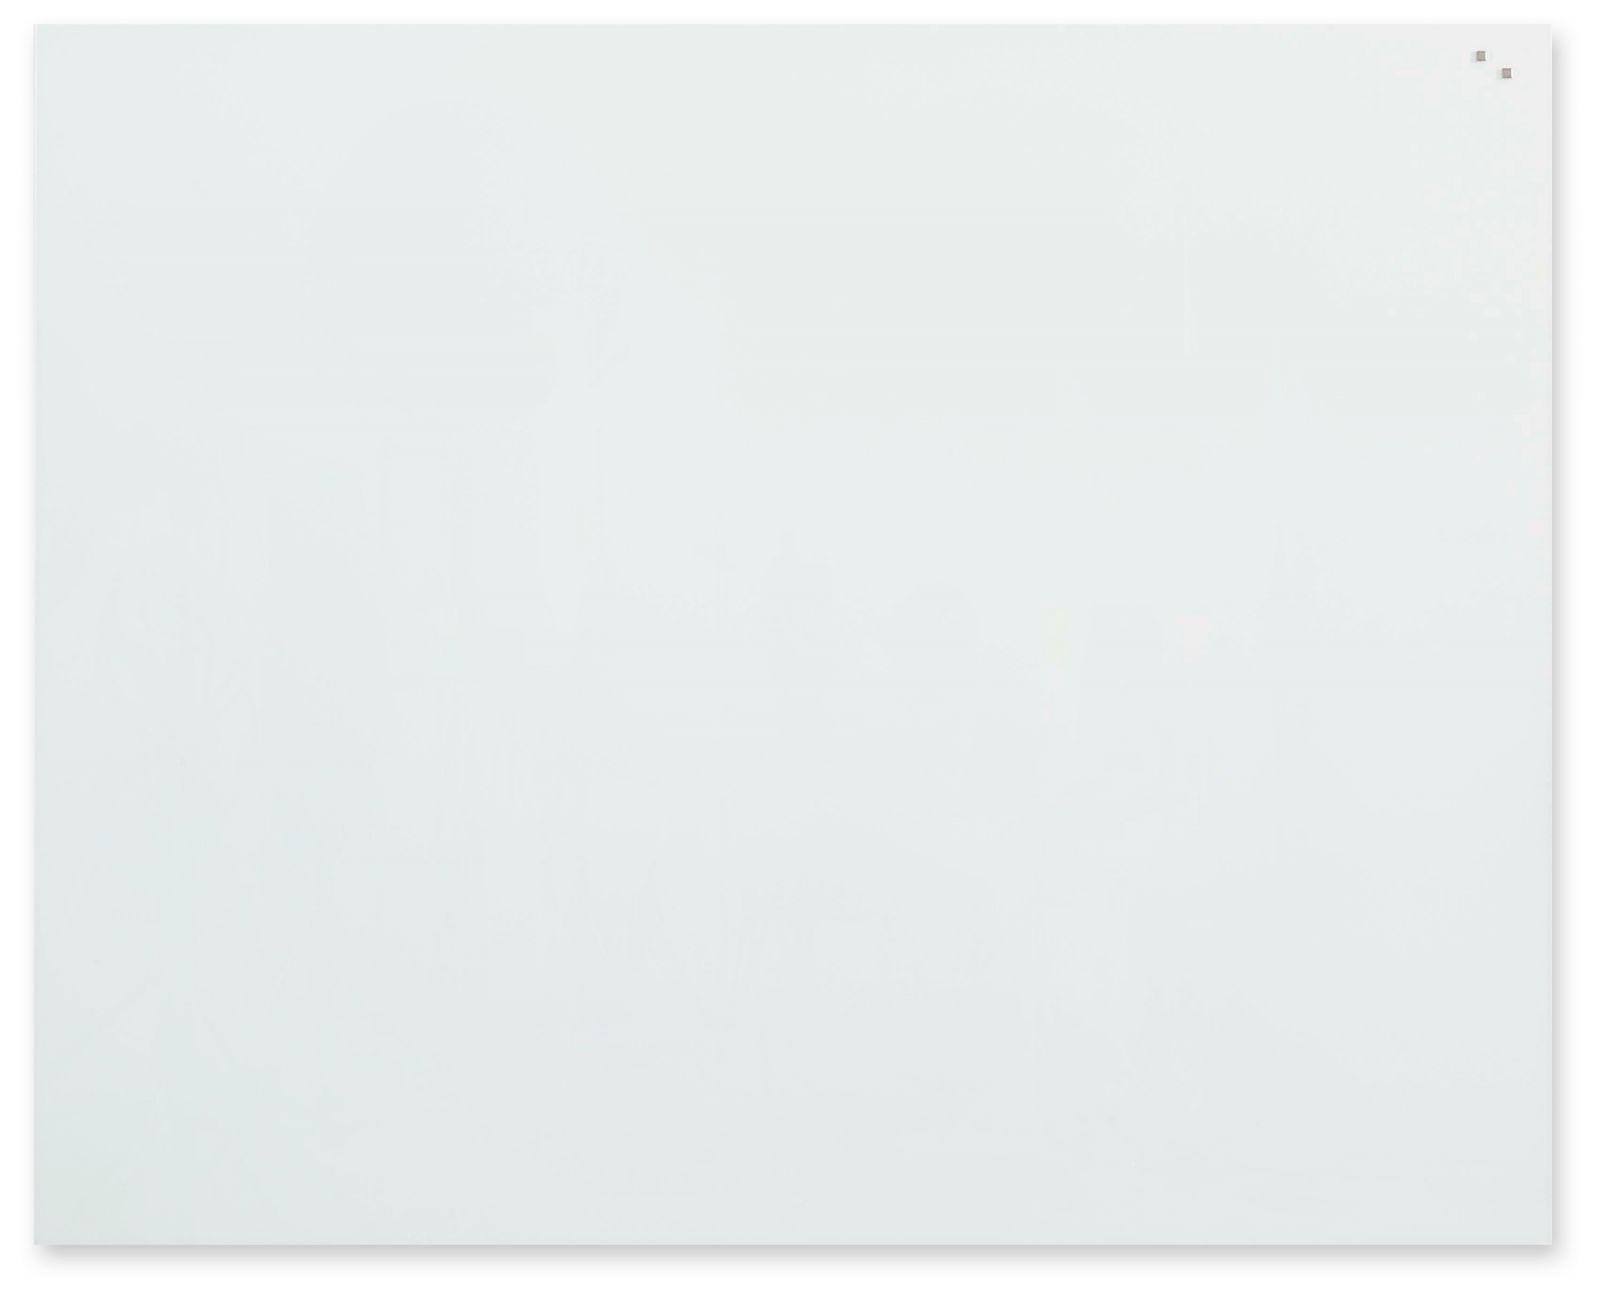 Skleněná magnetická tabule, 120x150 cm, Bílá